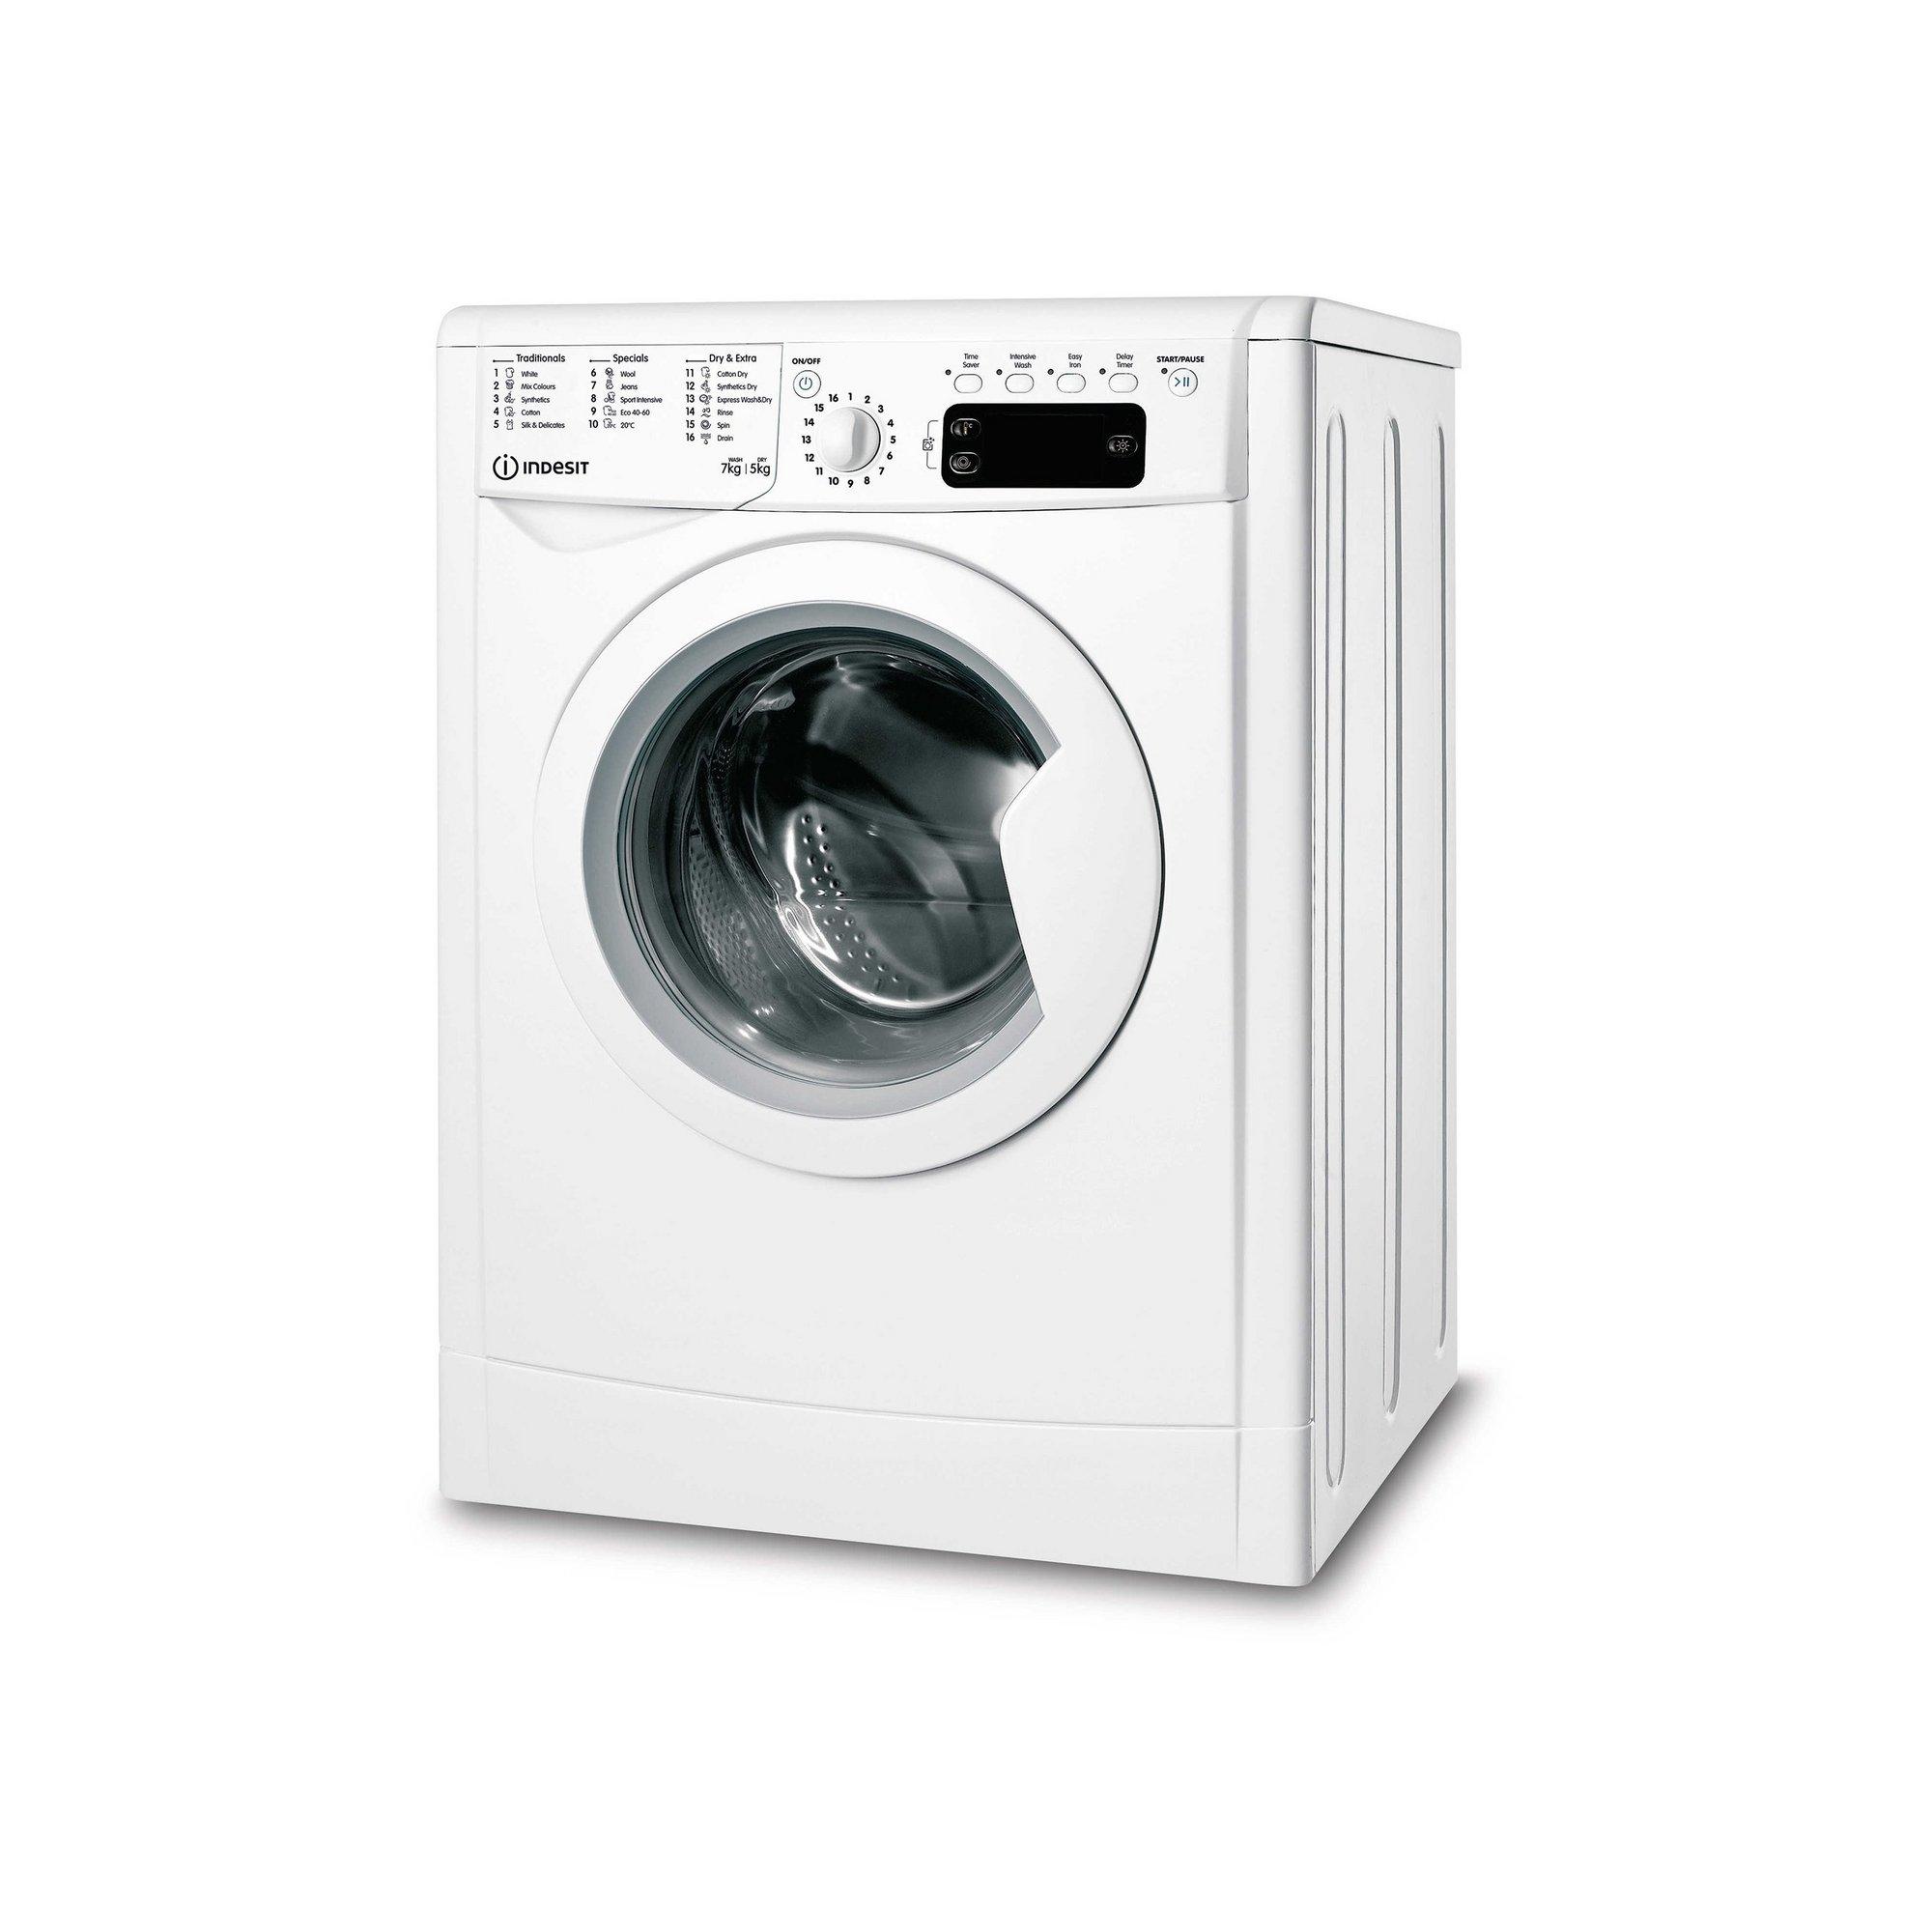 Image of Indesit 7kg Washer Dryer